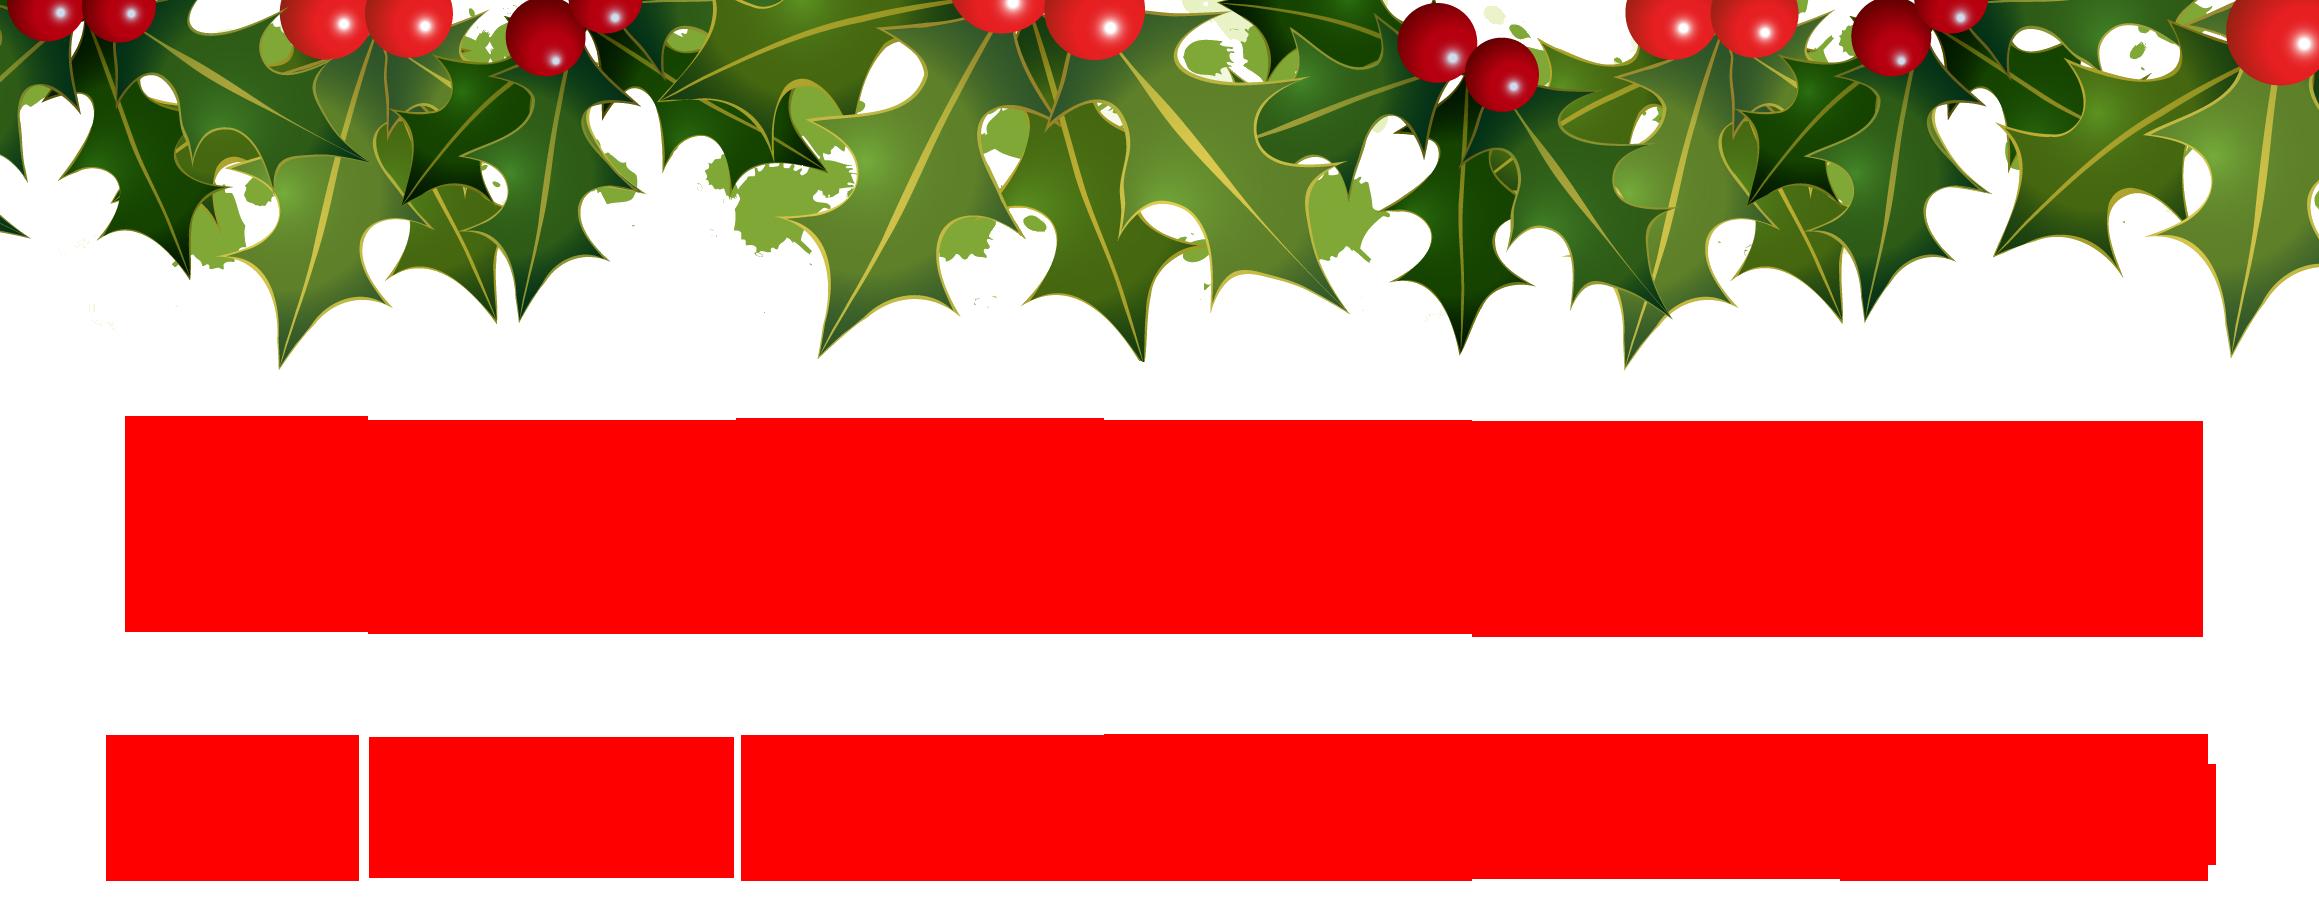 Christmas-Banner-2013